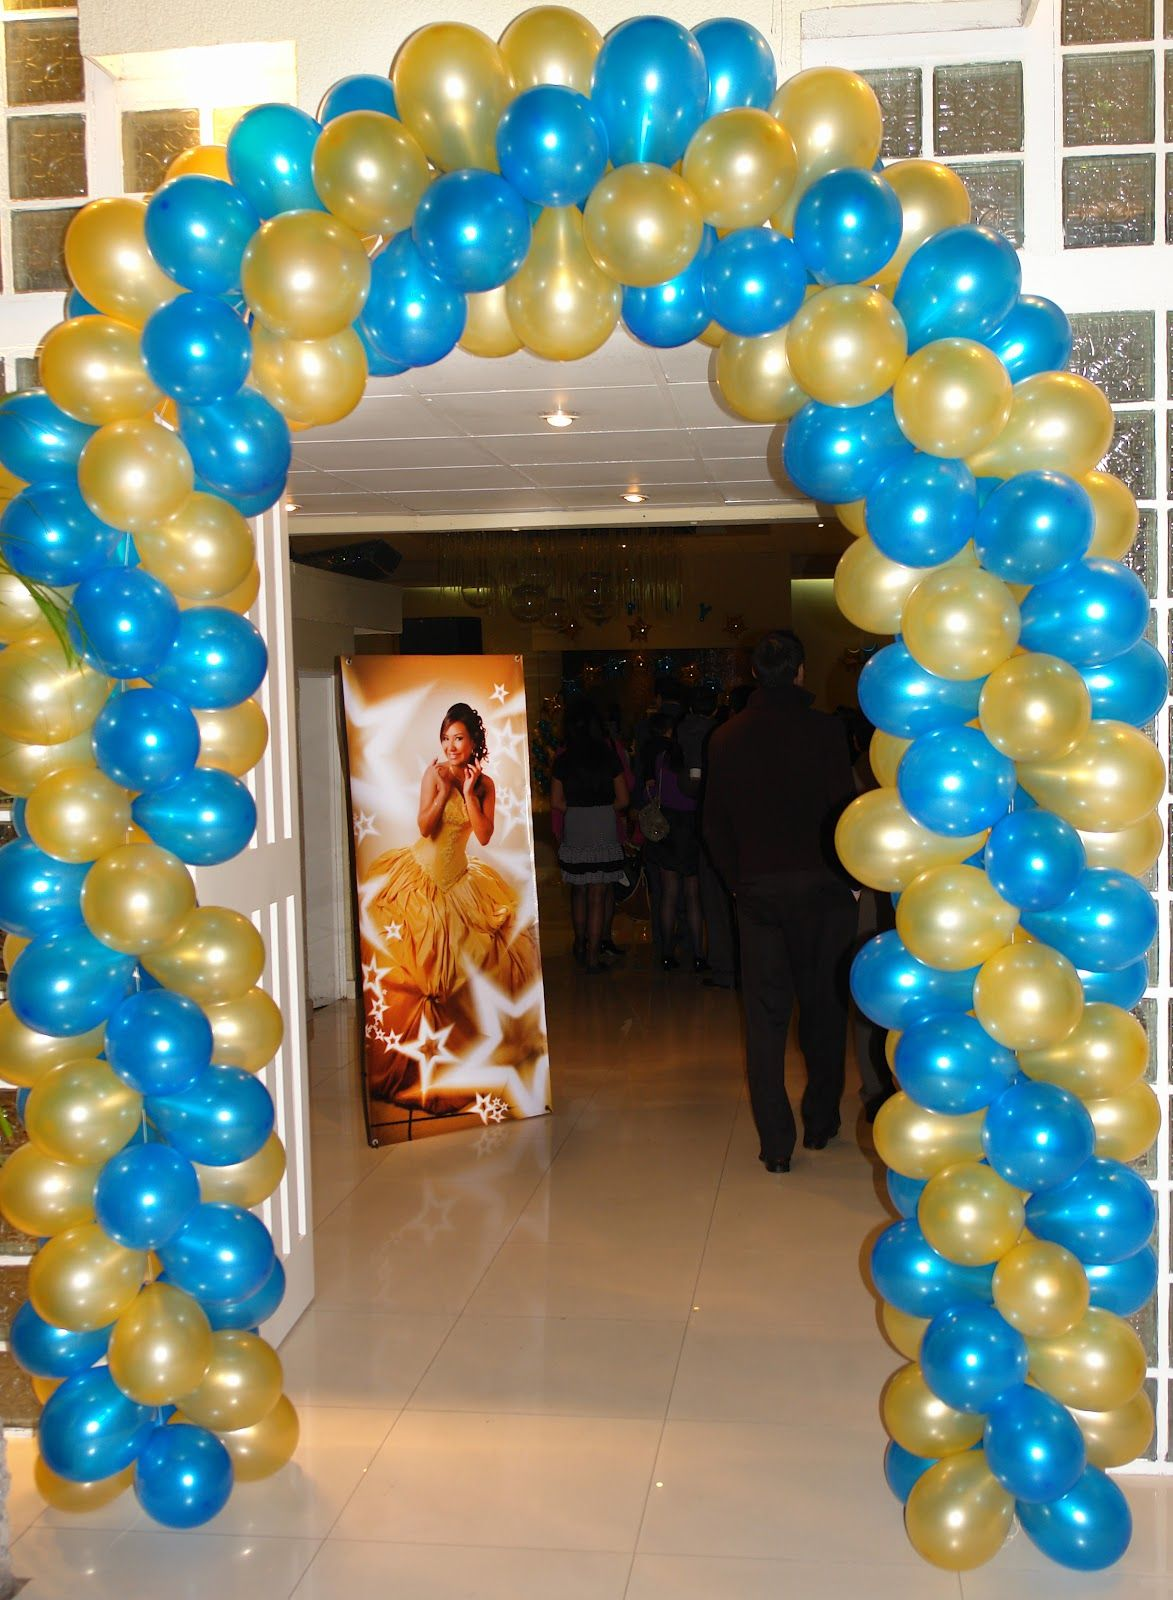 Ingreso Salon Fiesta Arco De Globos Buscar Con Google Party Decorations Balloons Decor